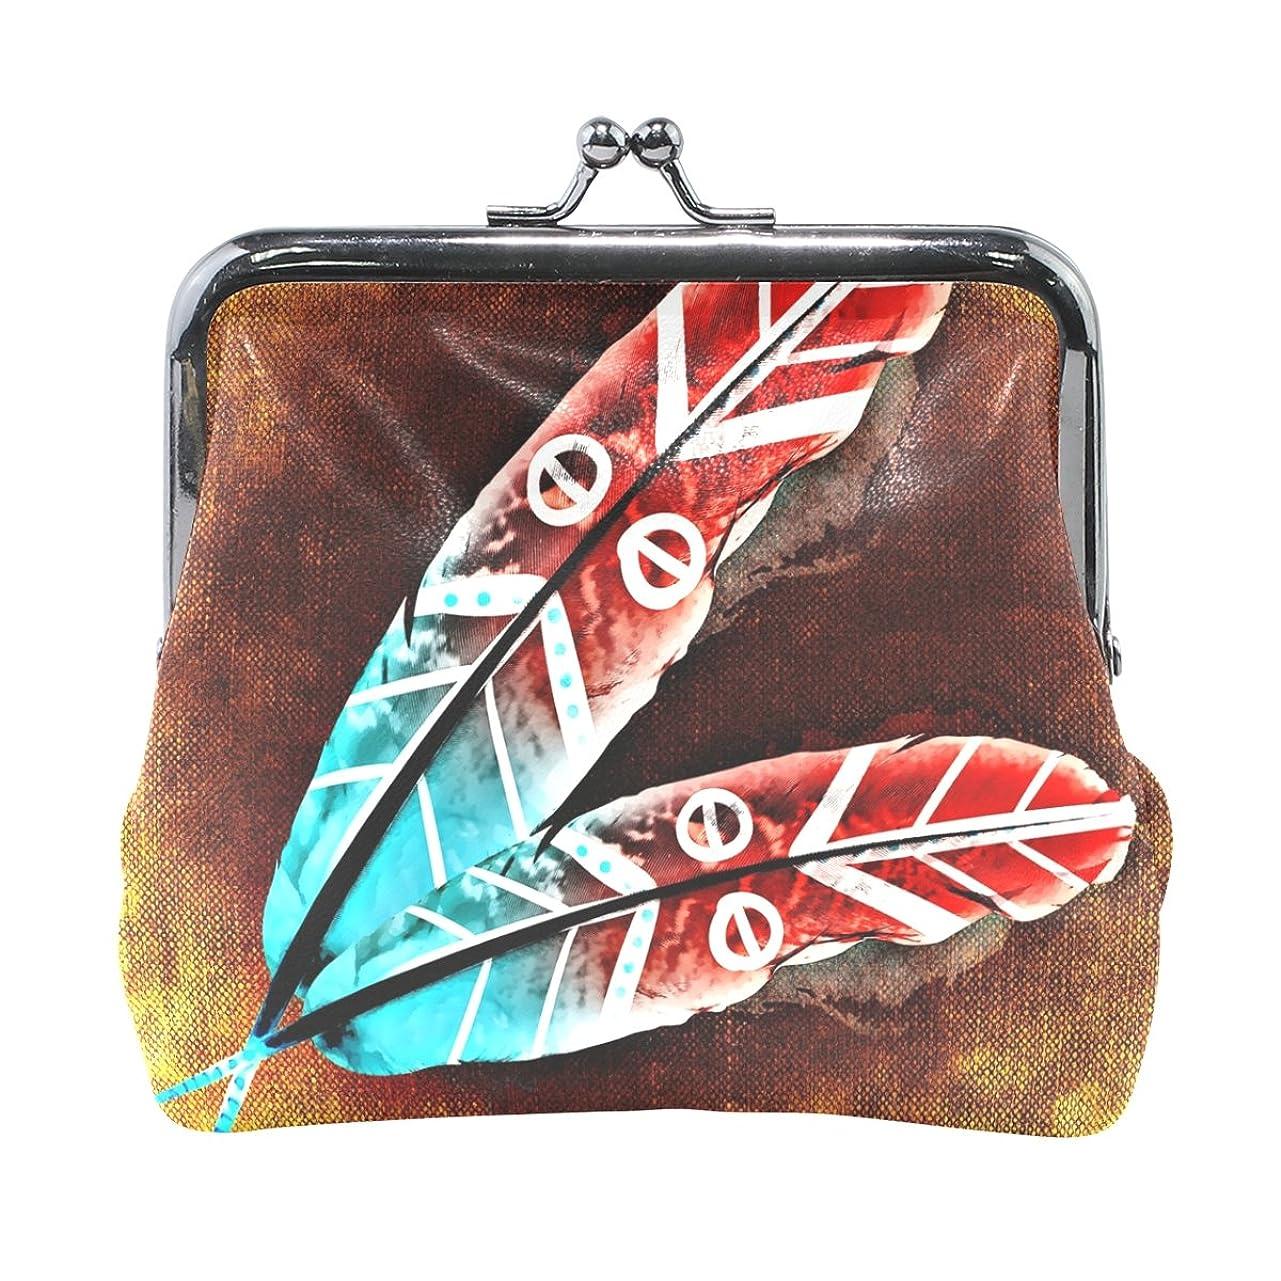 自宅で農場拡声器AOMOKI 財布 小銭入れ ガマ口 コインケース レザー 羽 インディアン風 赤 青い 綺麗